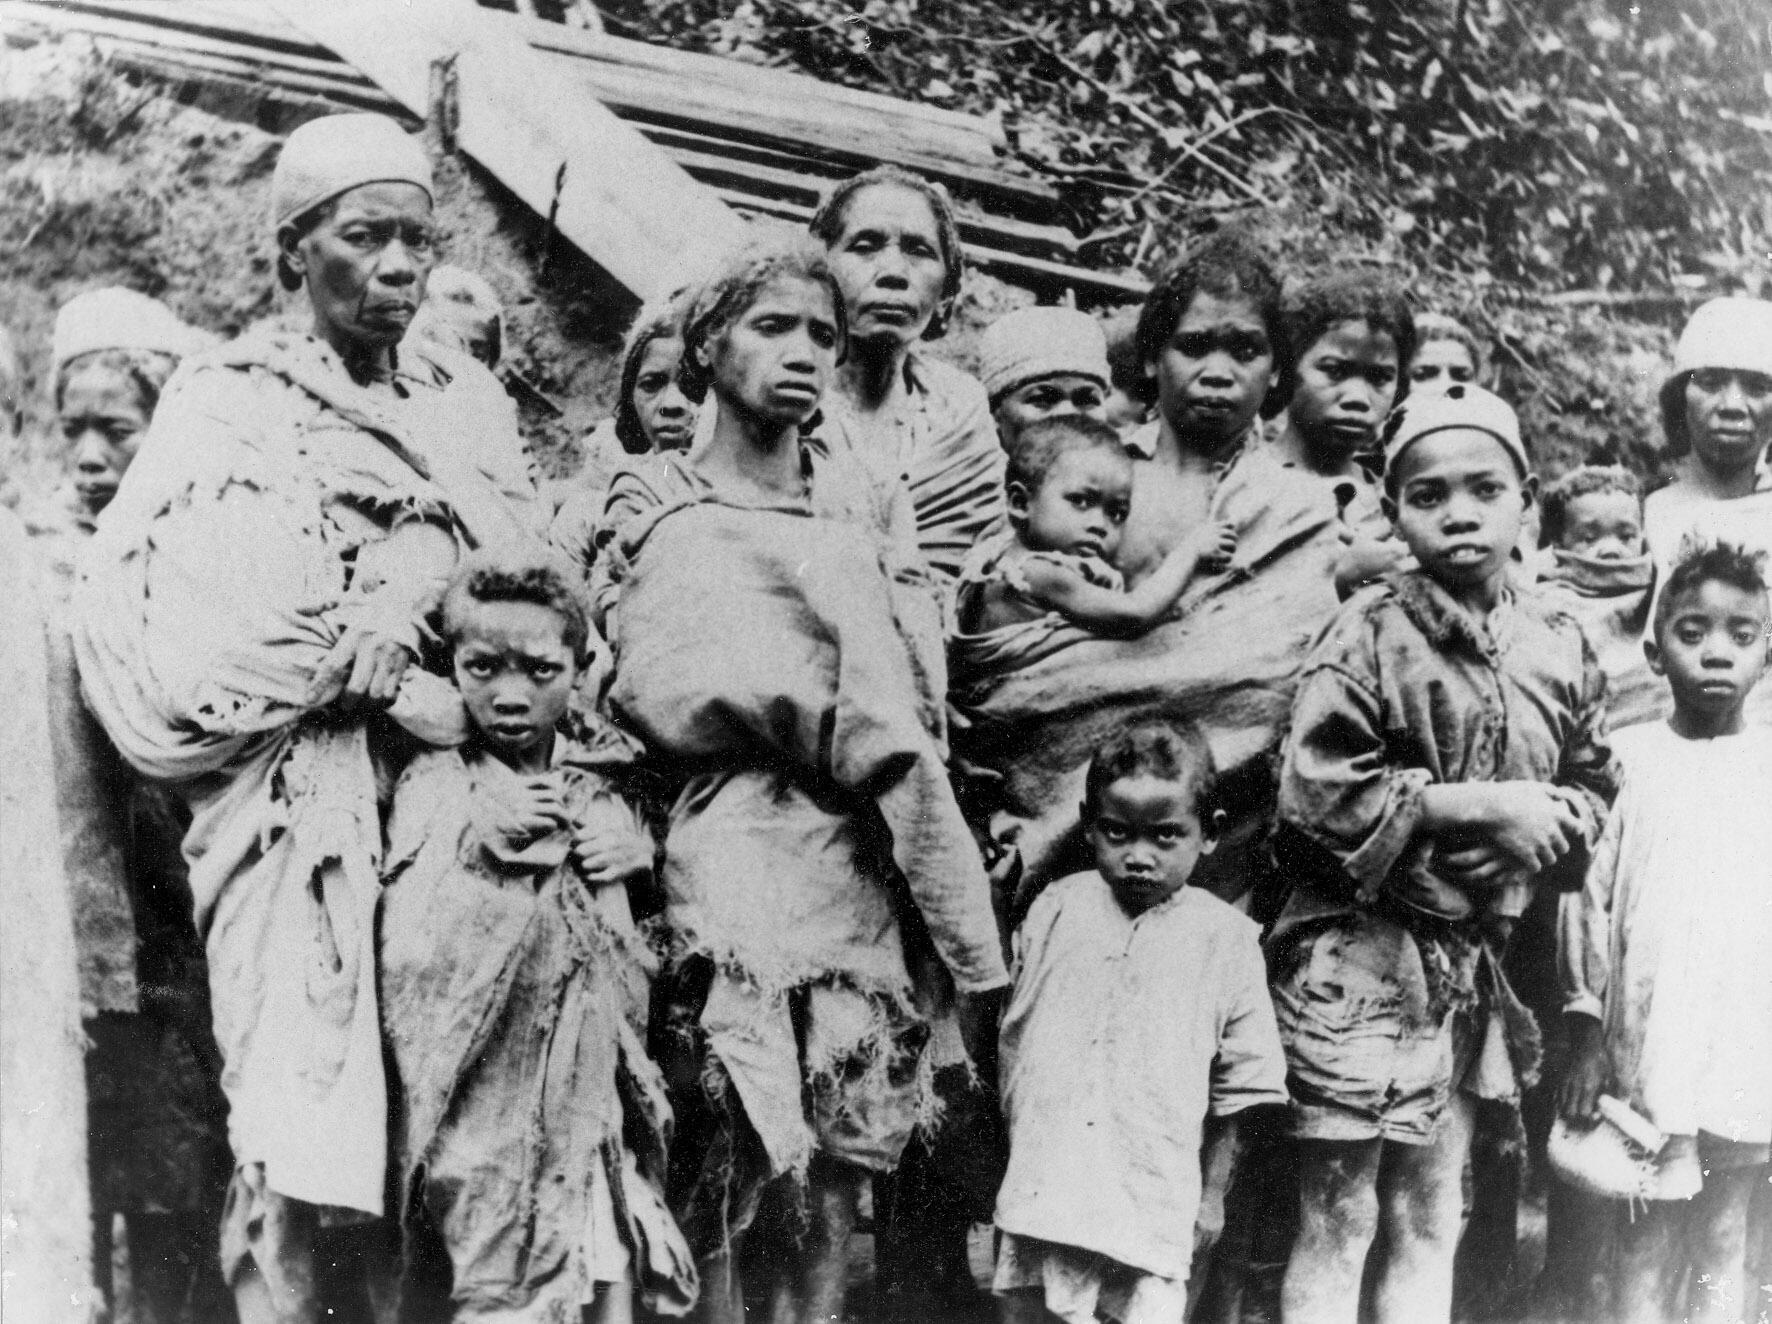 Décembre 1948. Encerclés, affamés, les insurgés sortent de la forêt où ils s'étaient réfugiés avec femmes et enfants.